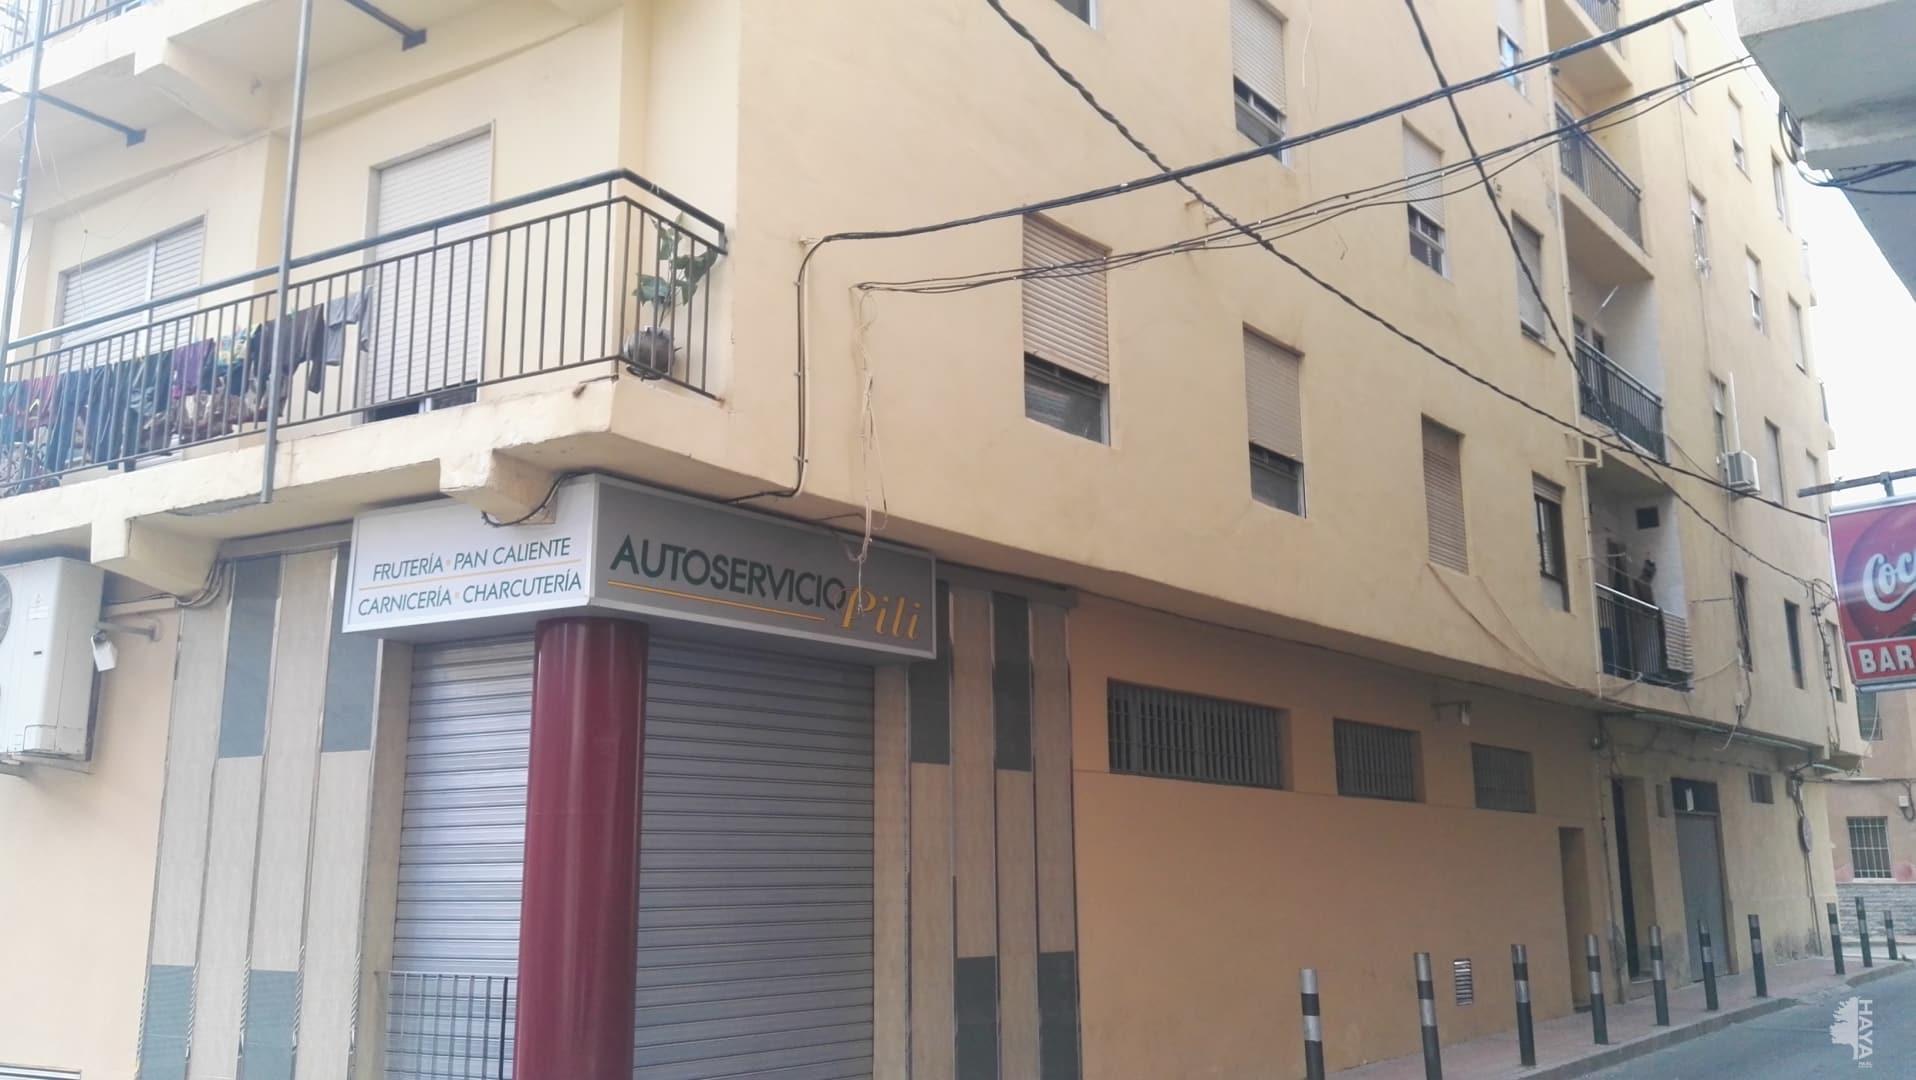 Piso en venta en Molina de Segura, Murcia, Calle Triunfo, 34.472 €, 2 habitaciones, 1 baño, 56 m2